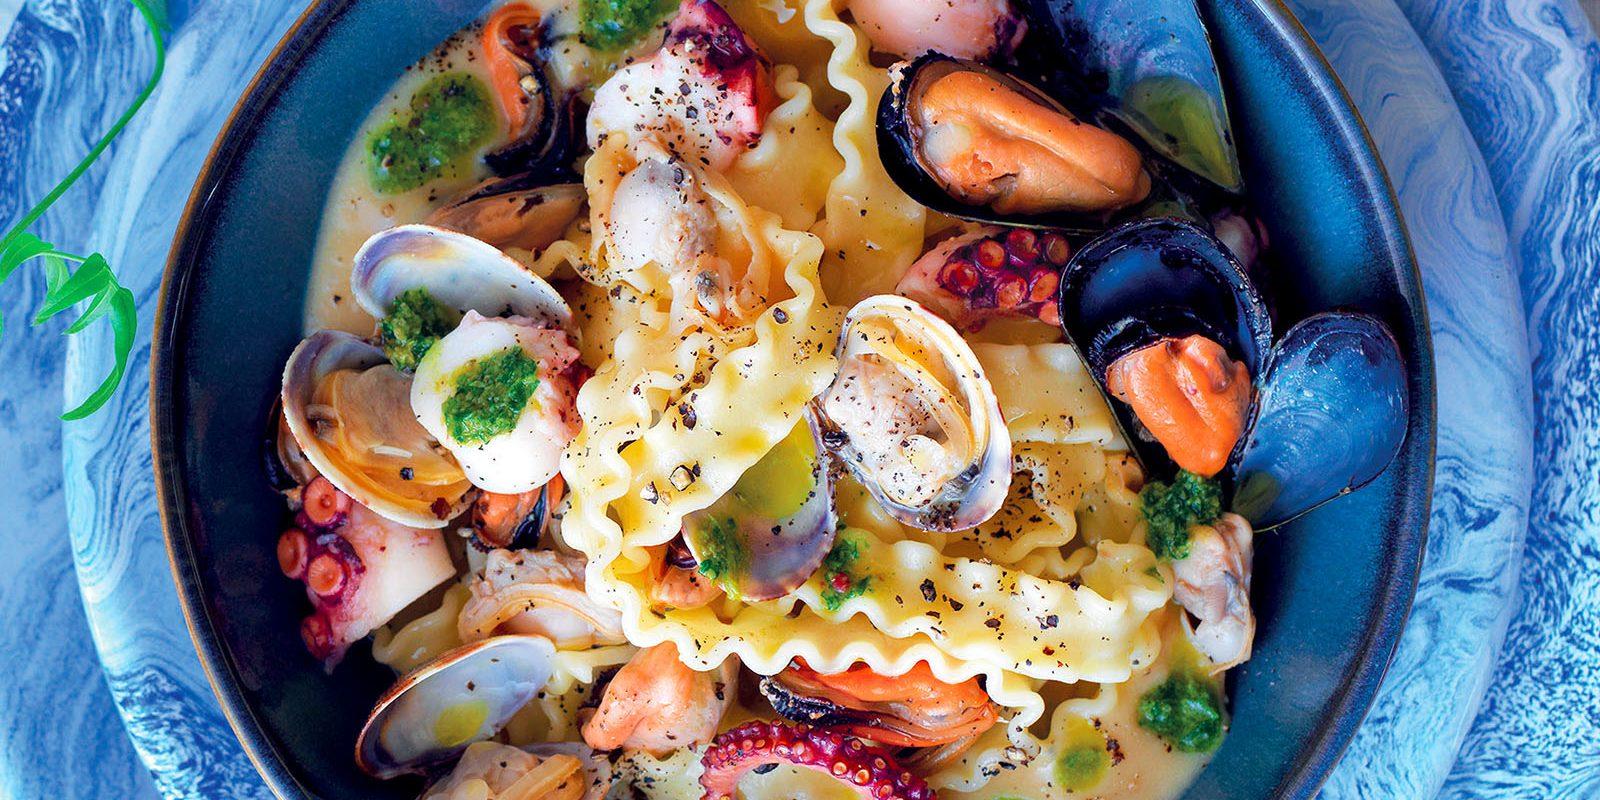 quando-la-pasta-fredda-sa-di-mare:-ricette-buonissime